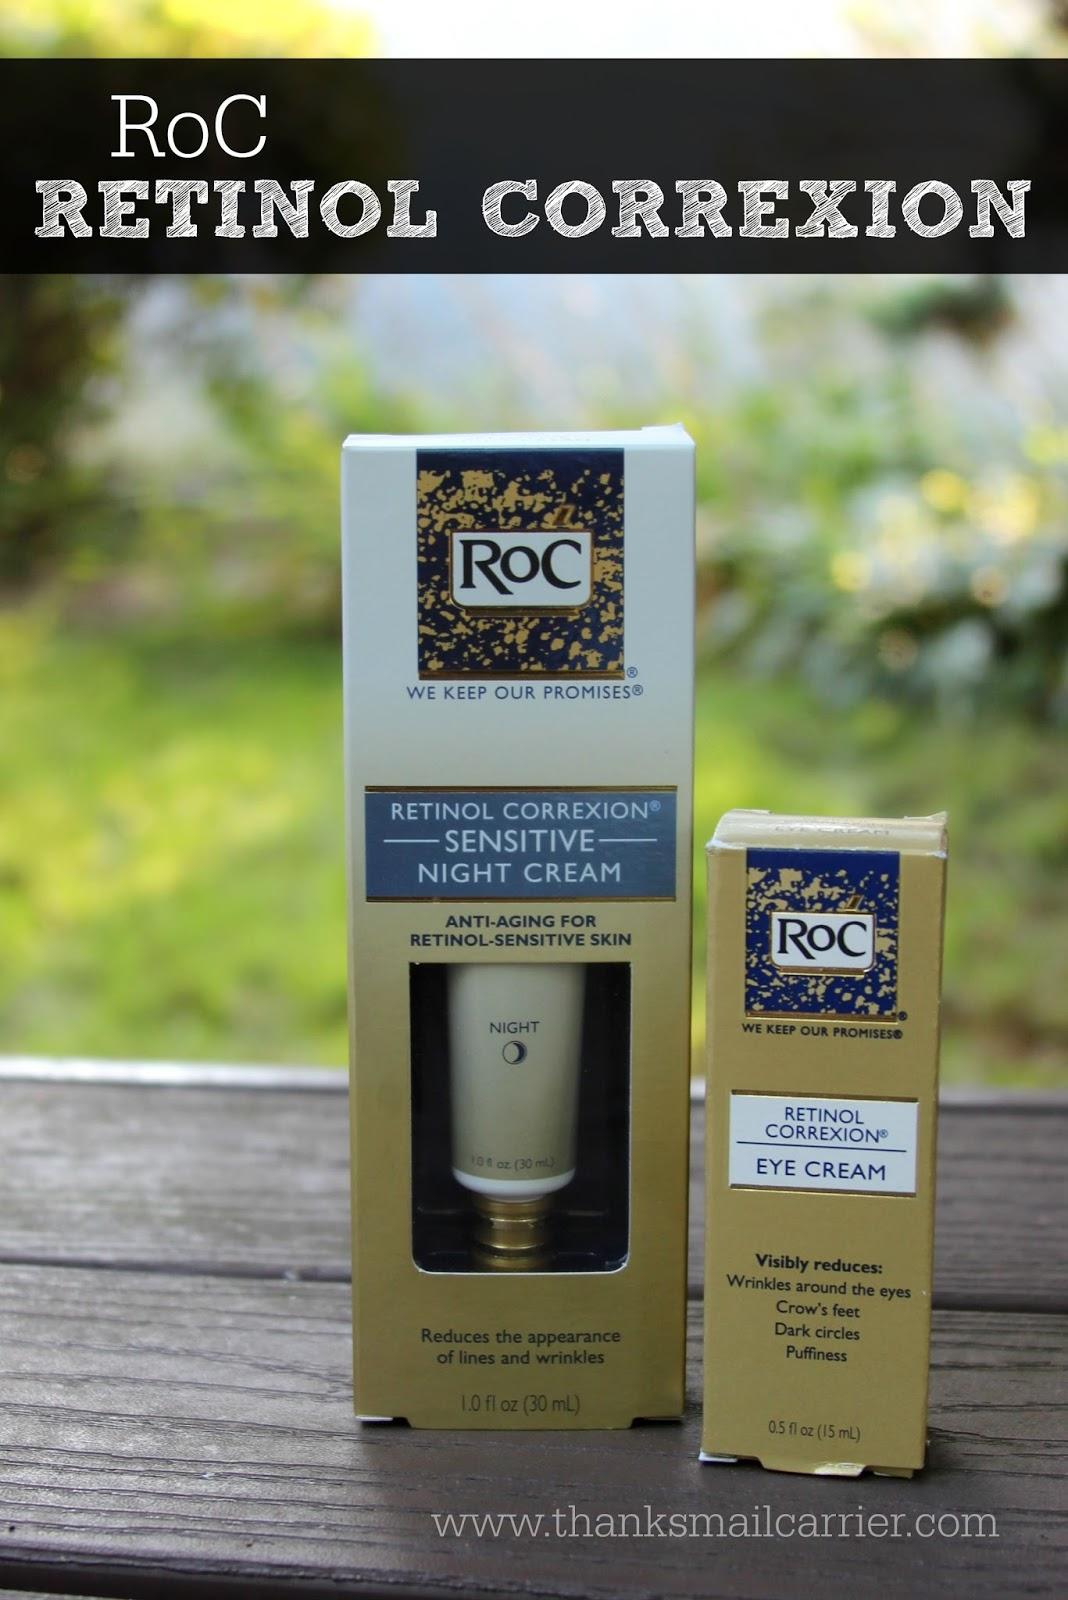 RoC Retinol Correxion